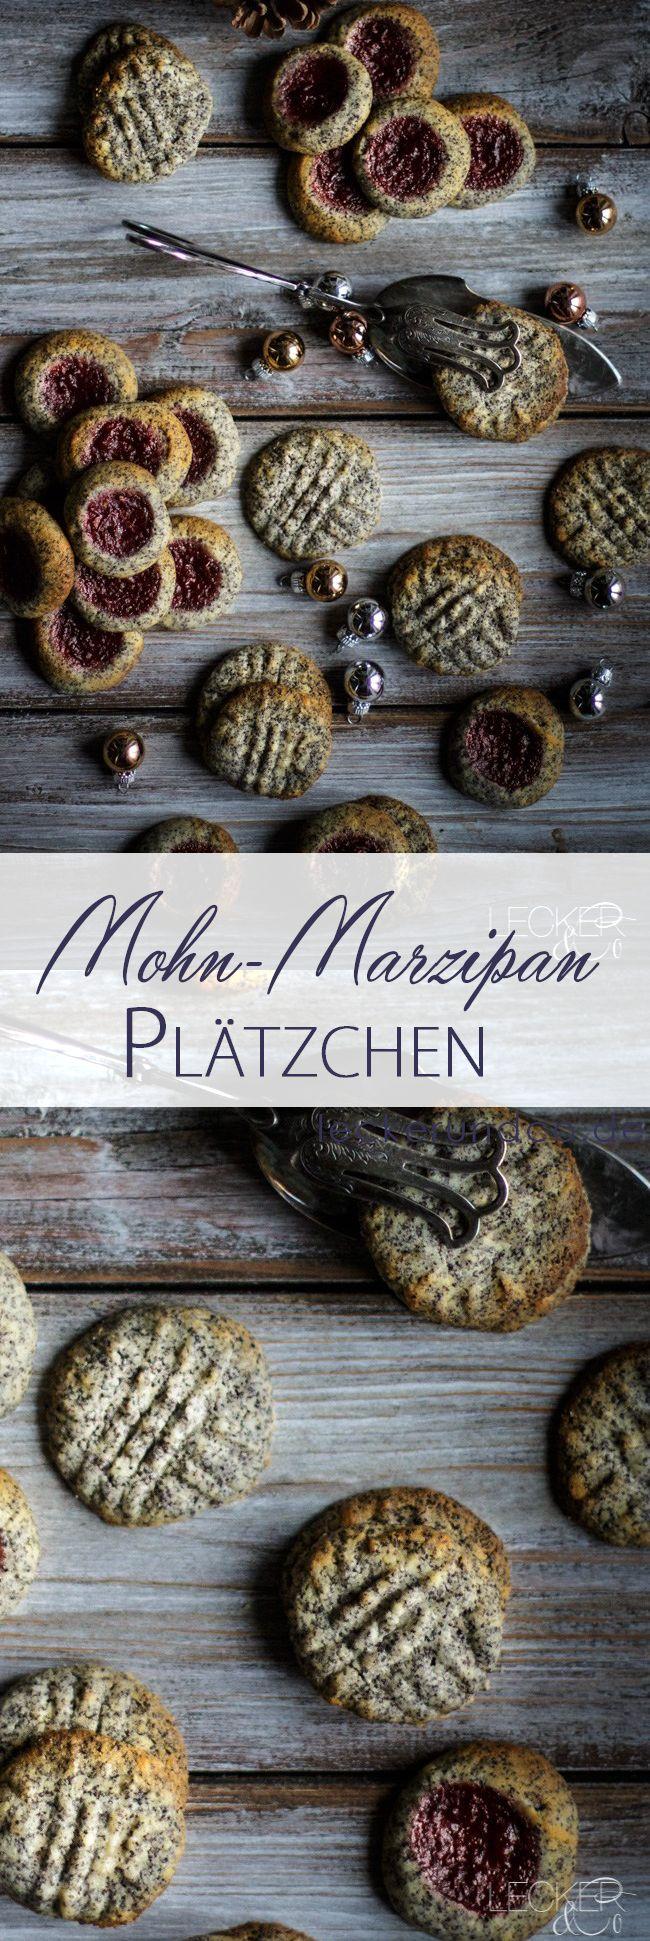 Mohn Marzipan Plätzchen mit Pflaumen